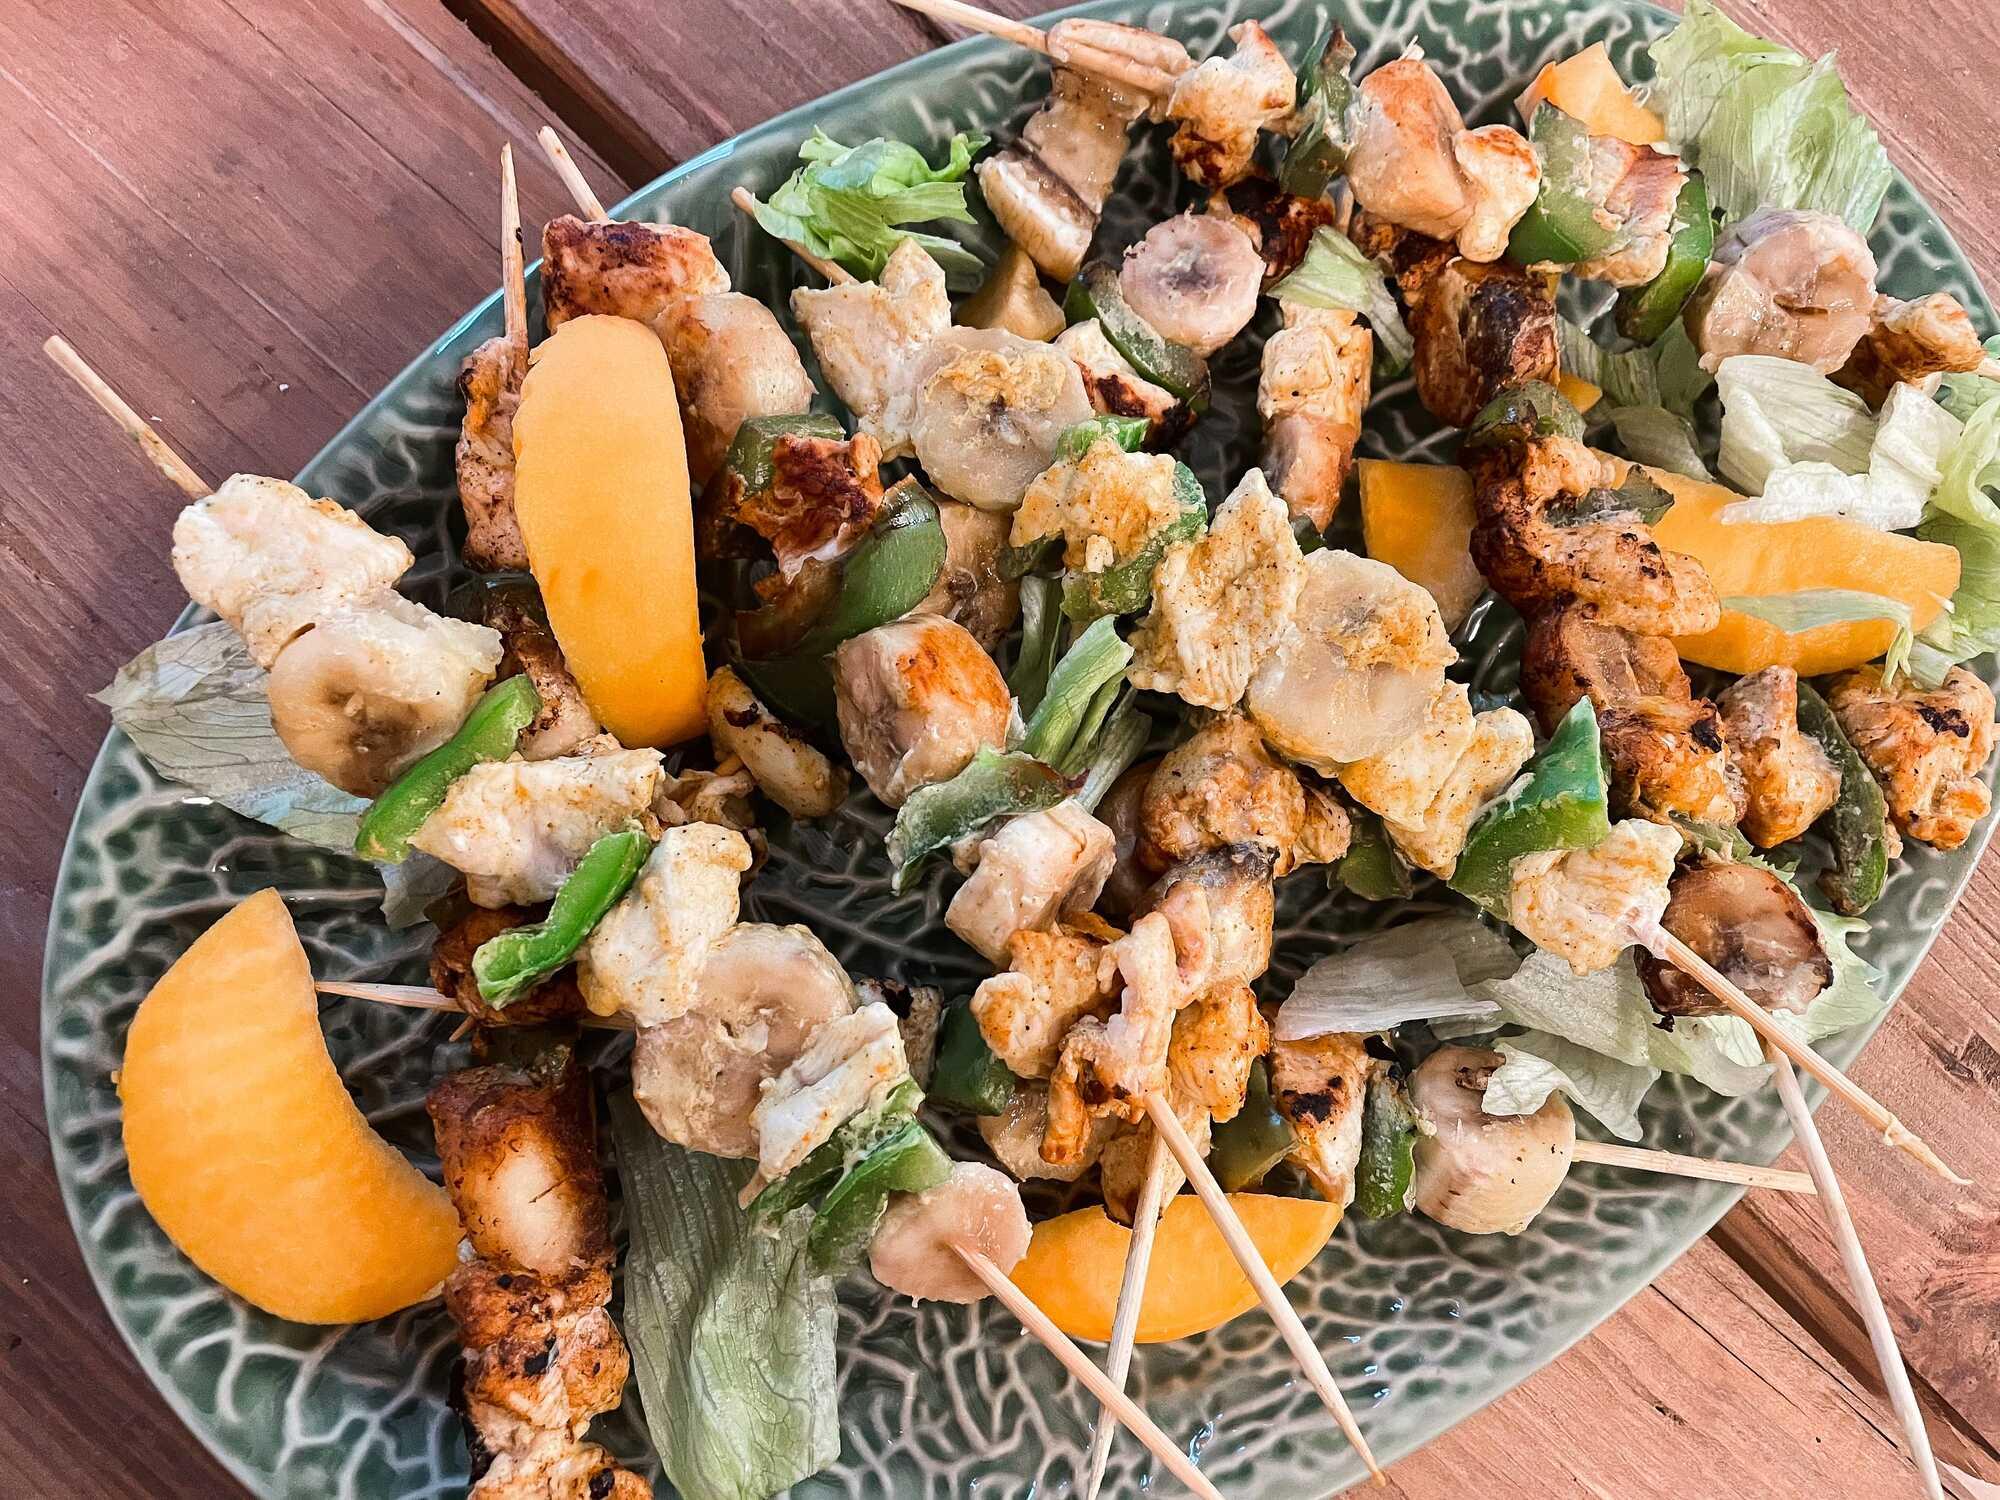 Sur un plat ovale sont disposées les brochettes. Quelques tranches de mangue décorent cette recette. Effet visuel garantie !